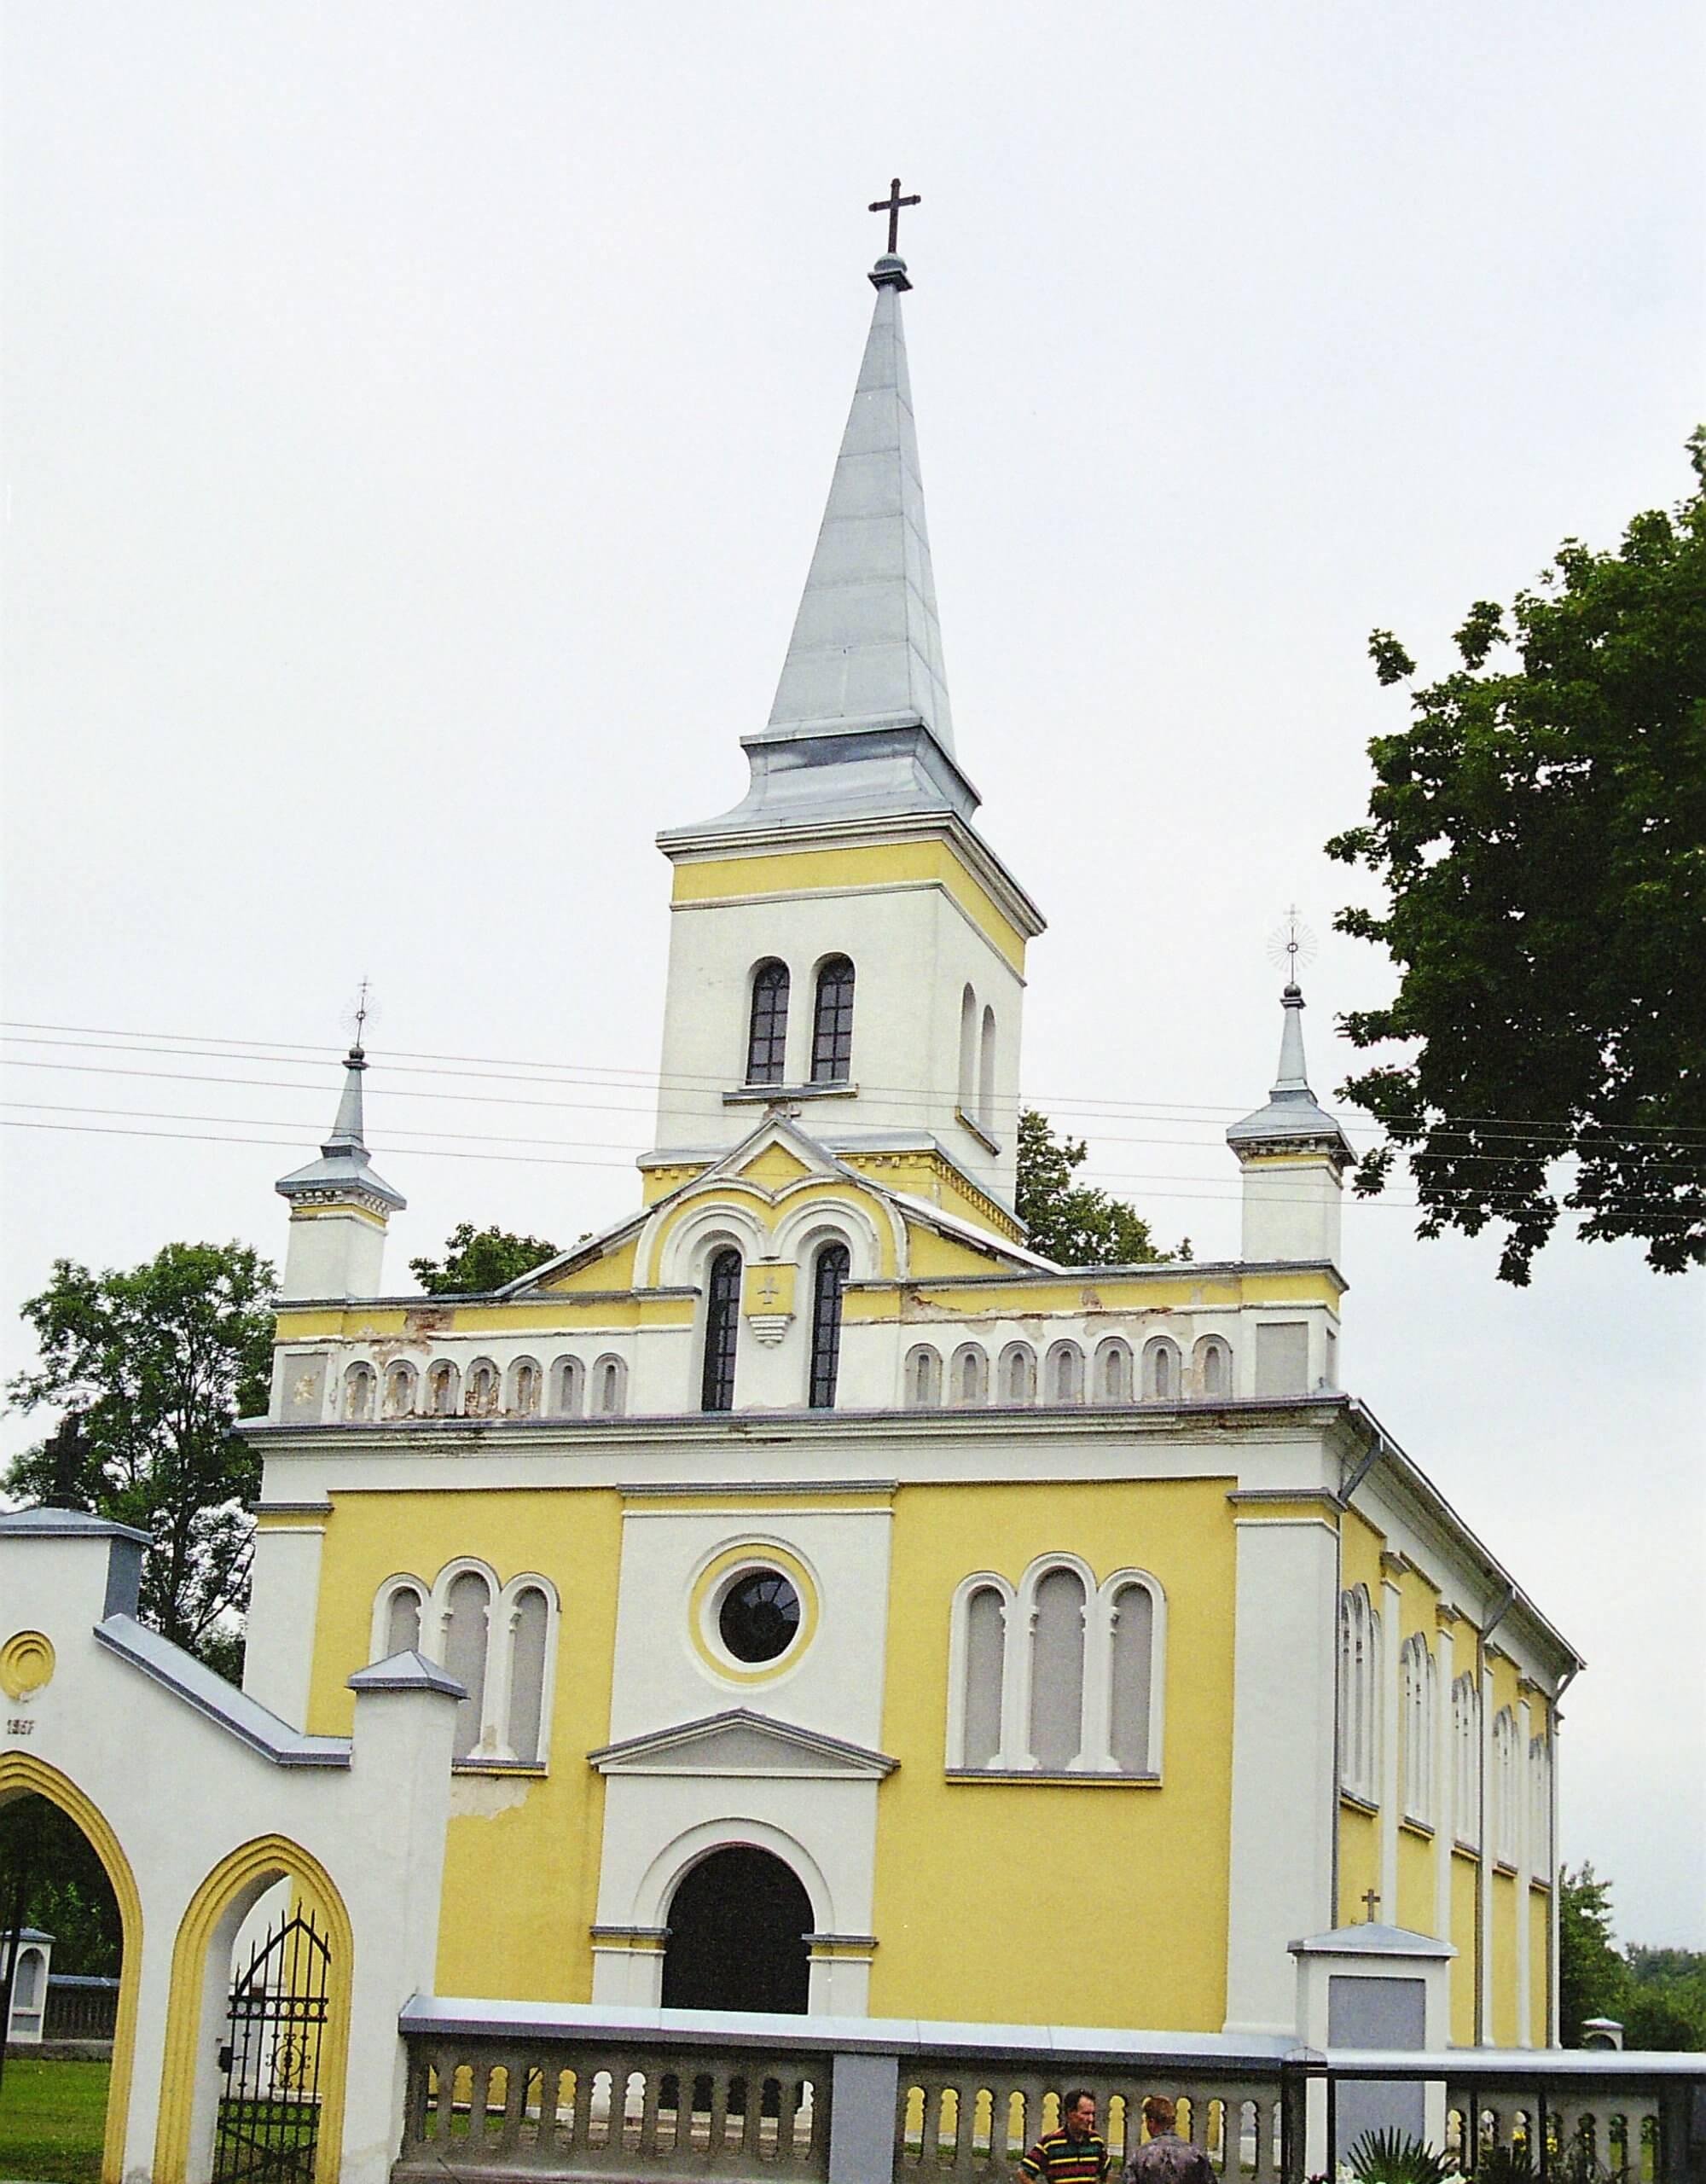 Žygaičių Šv. apaštalų Petro ir Povilo bažnyčia (Tauragės rajonas)